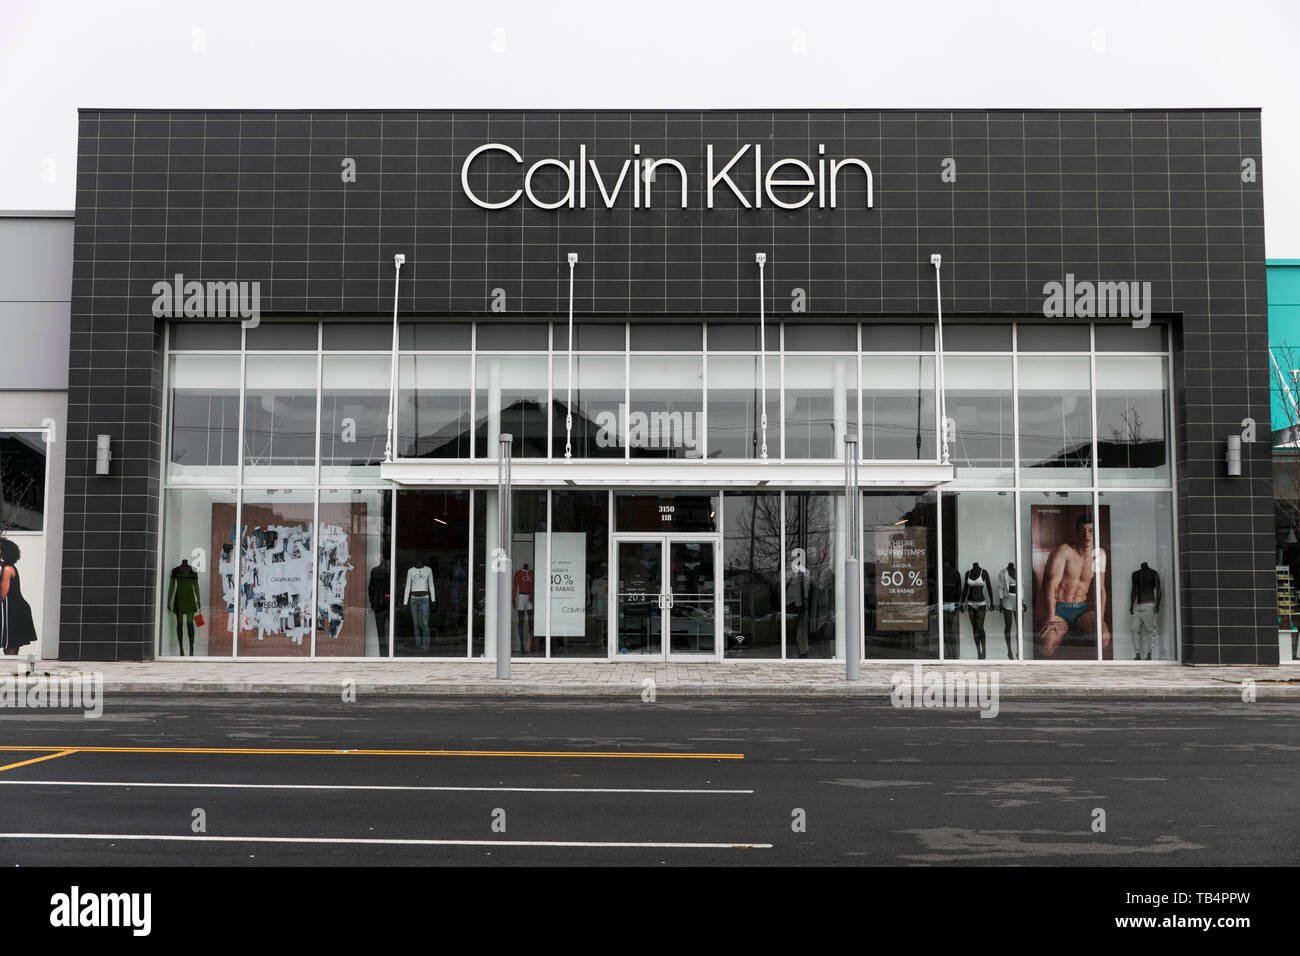 Ein logo Zeichen außerhalb eines Calvin Klein Store in Vaudreuil - Dorion, Quebec, Kanada, am 21. April 2019. Stockbild